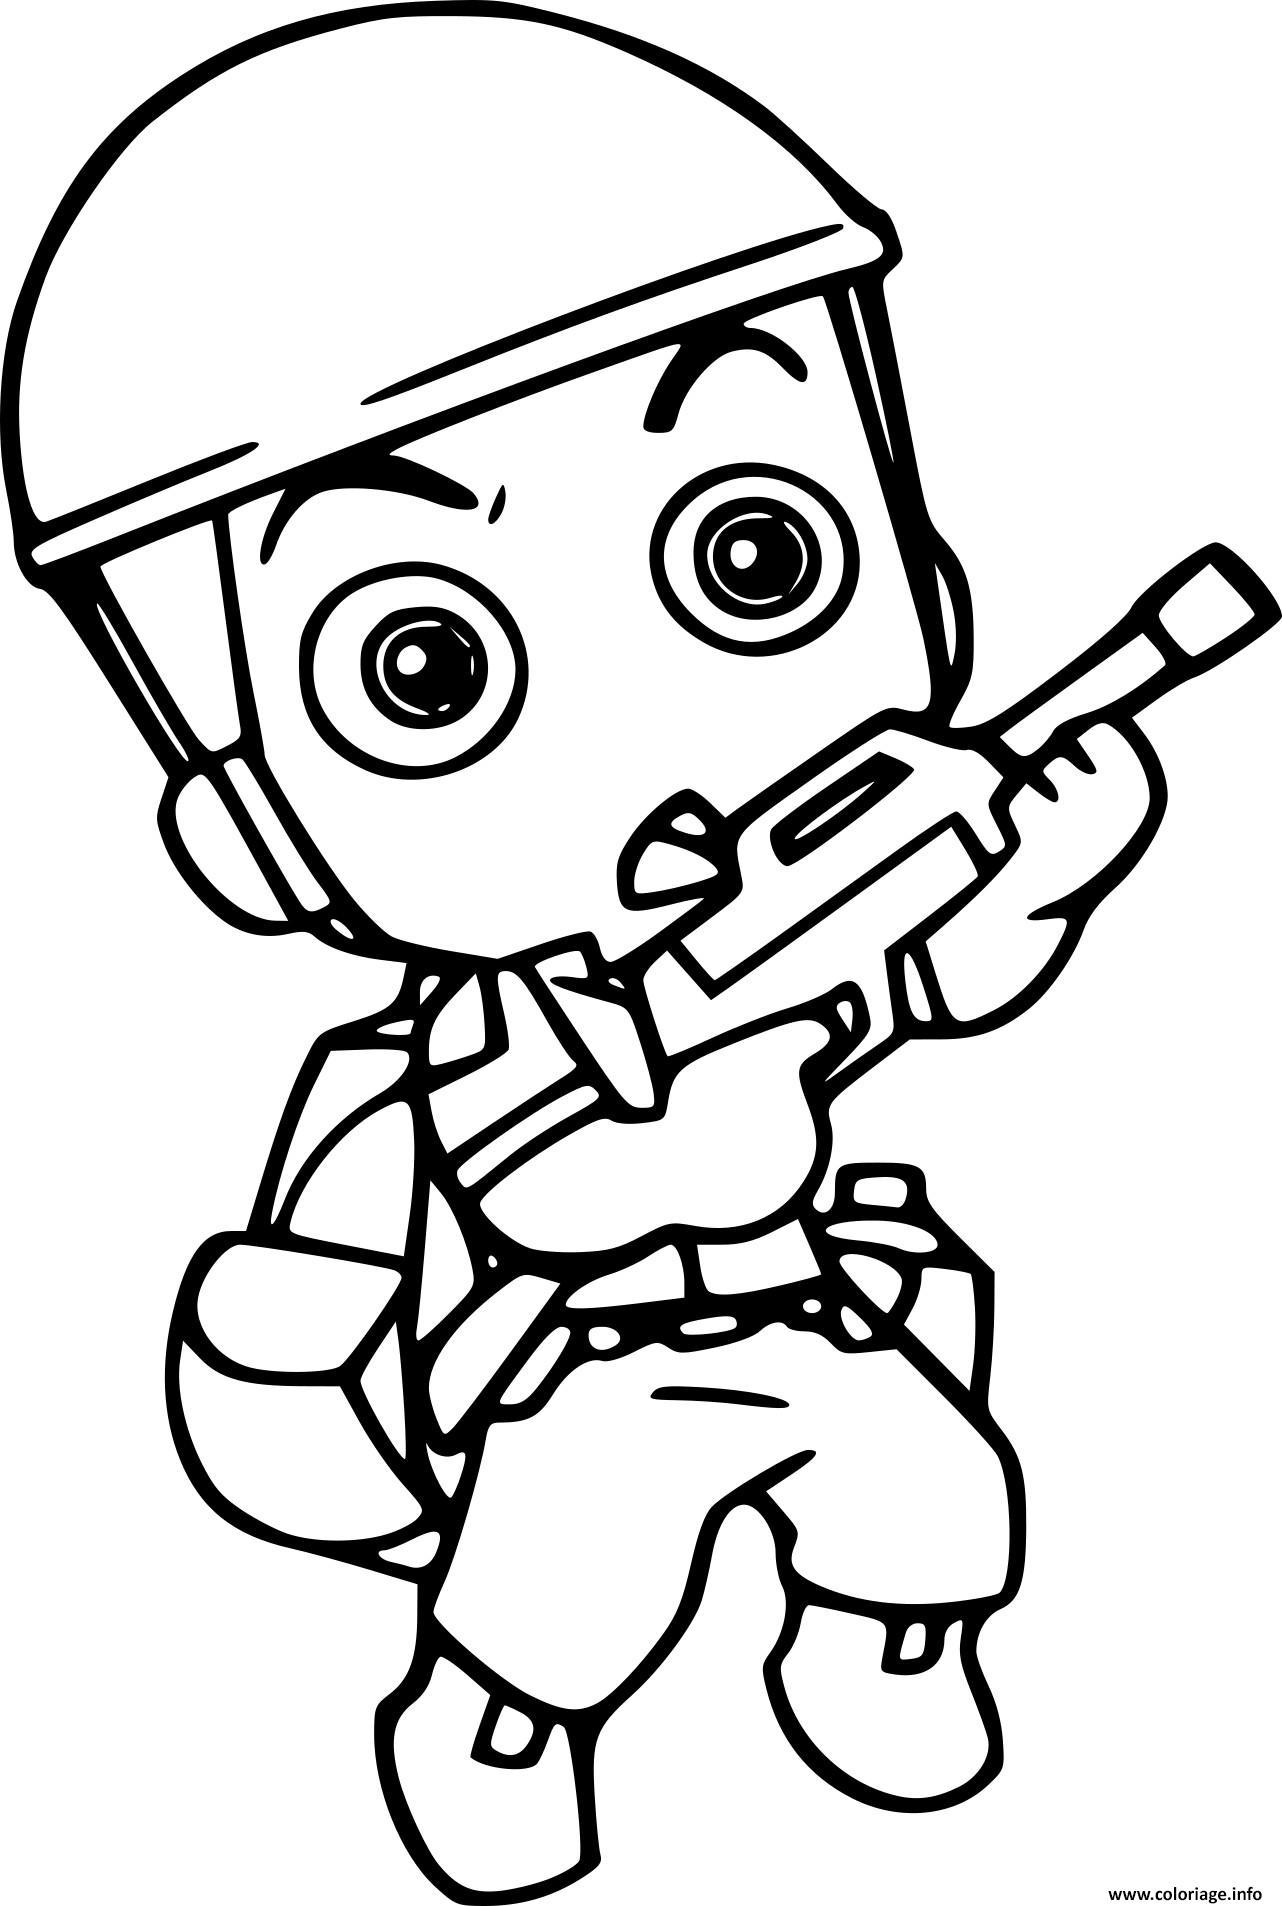 Coloriage Mini Soldat Militaire Avec Arme Jecolorie Com